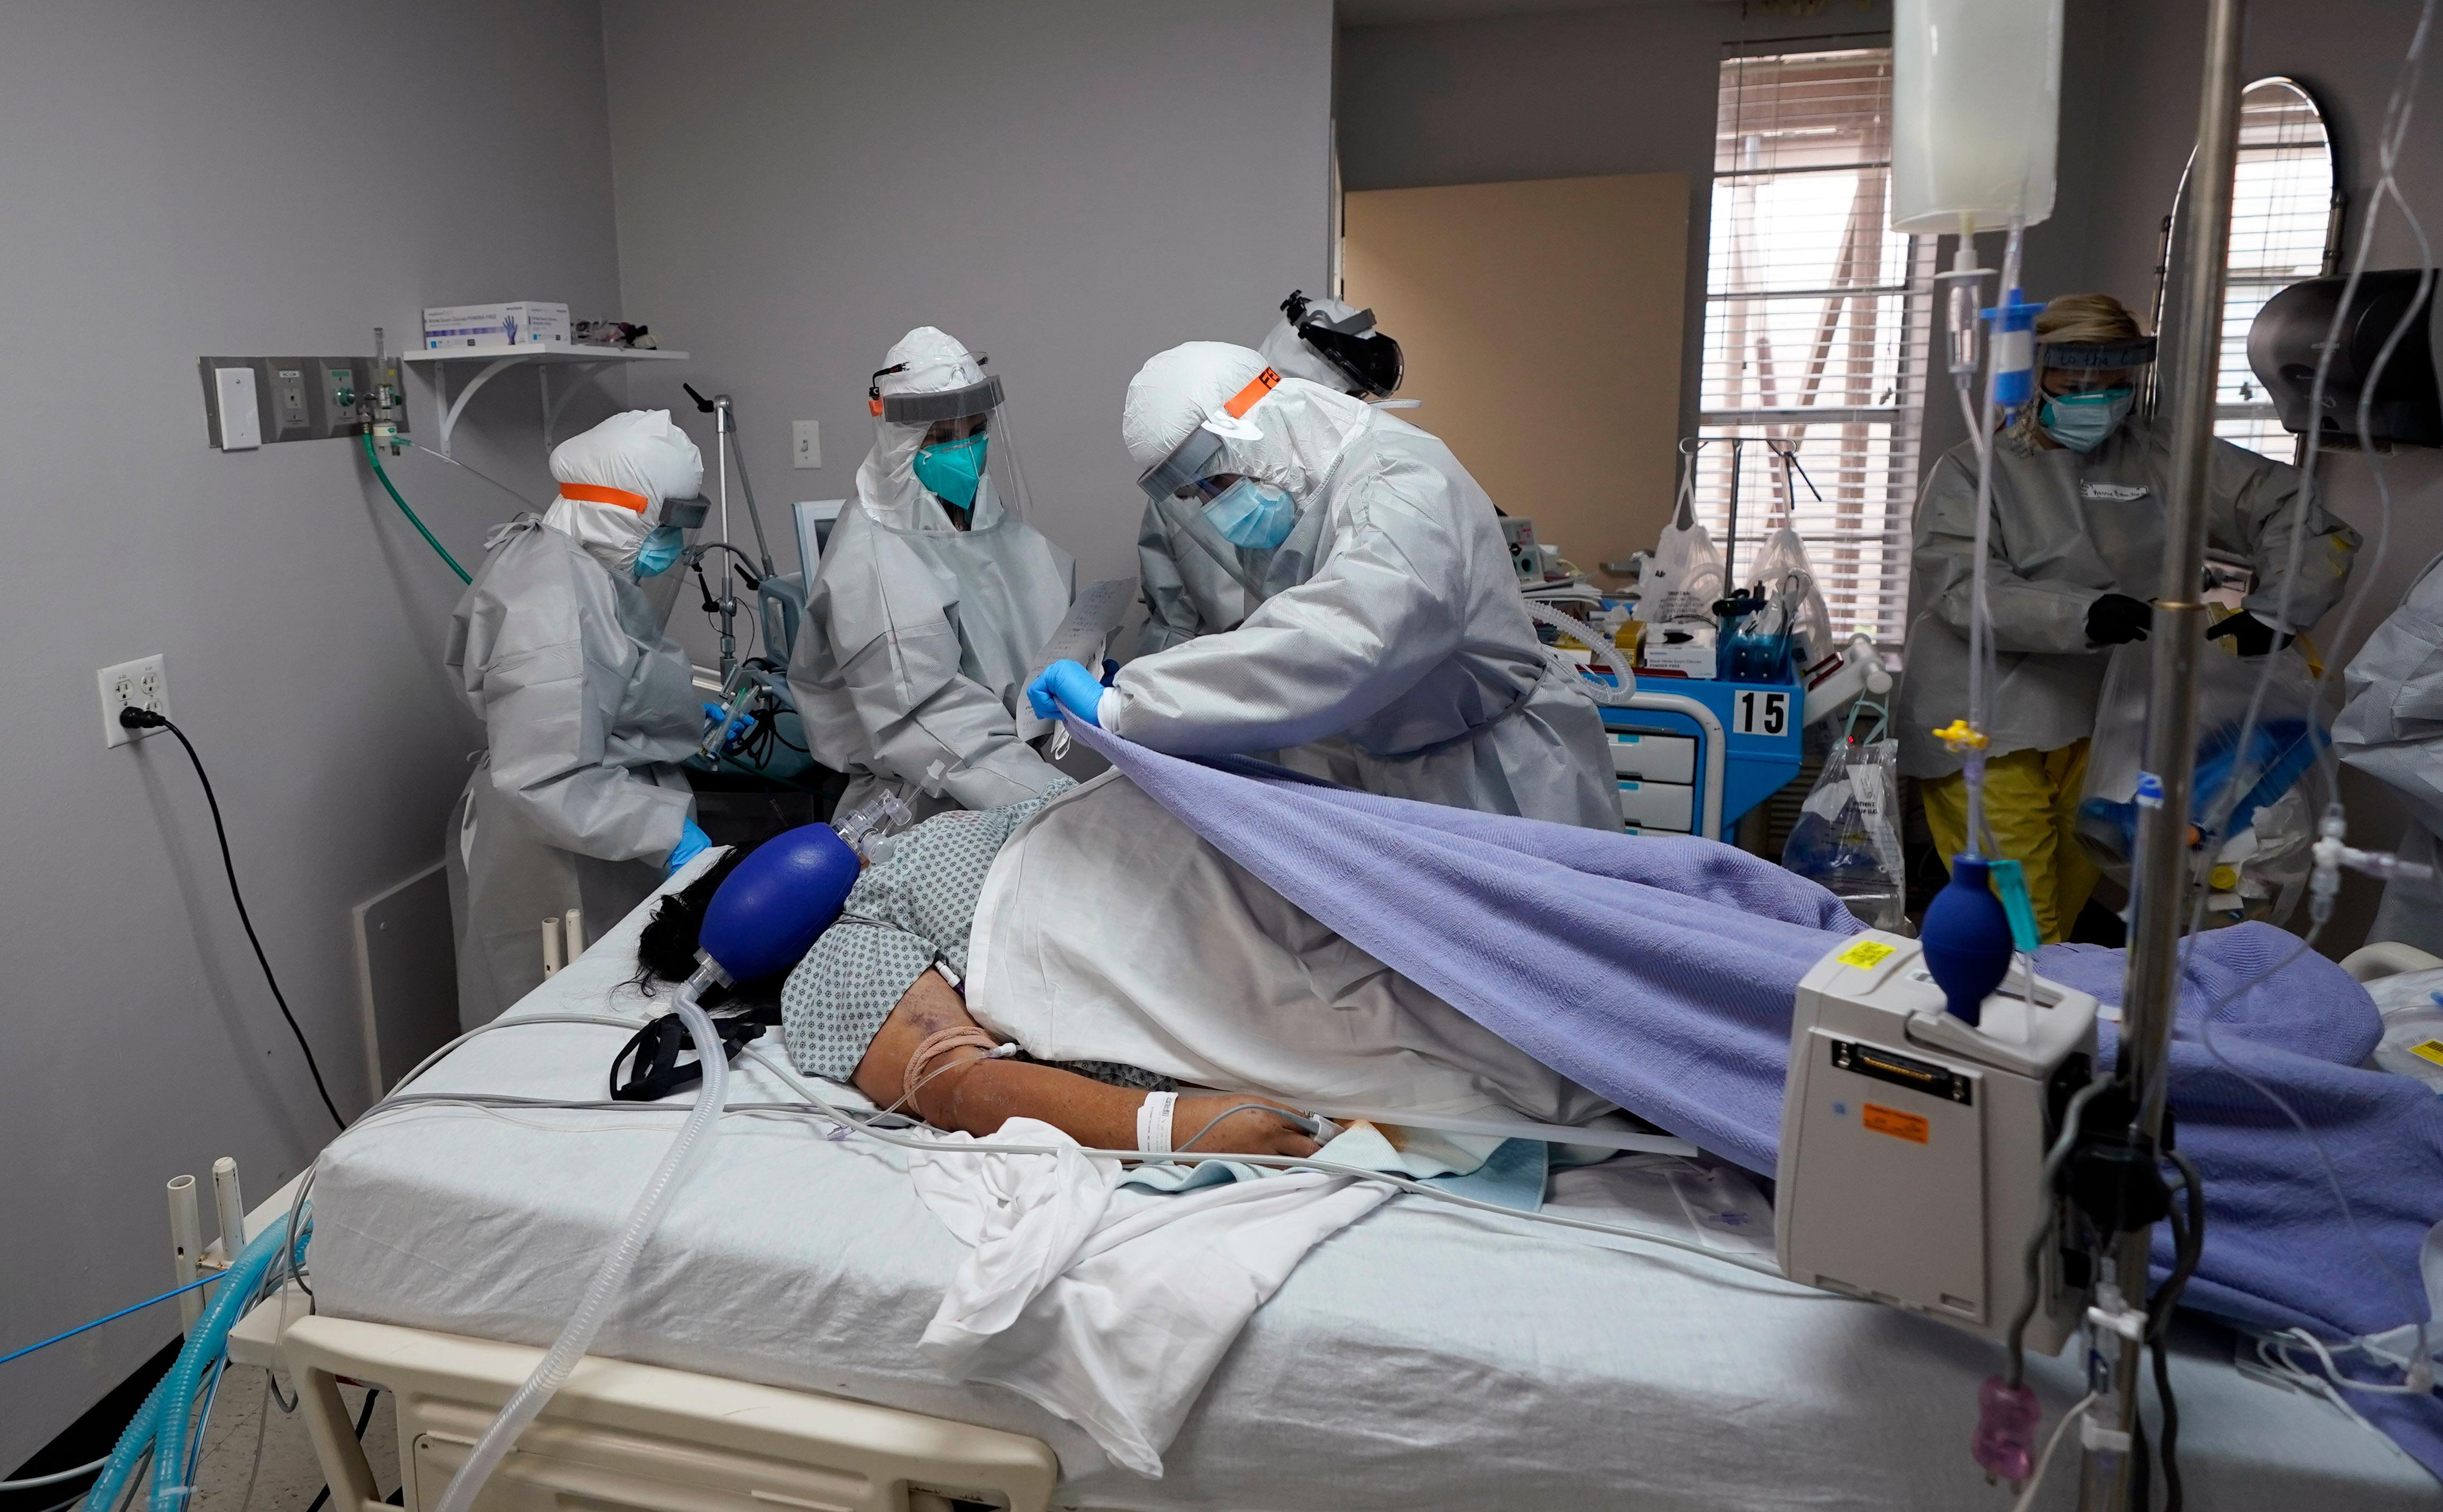 Число умерших пациентов с коронавирусом в США превысило 150 тысяч